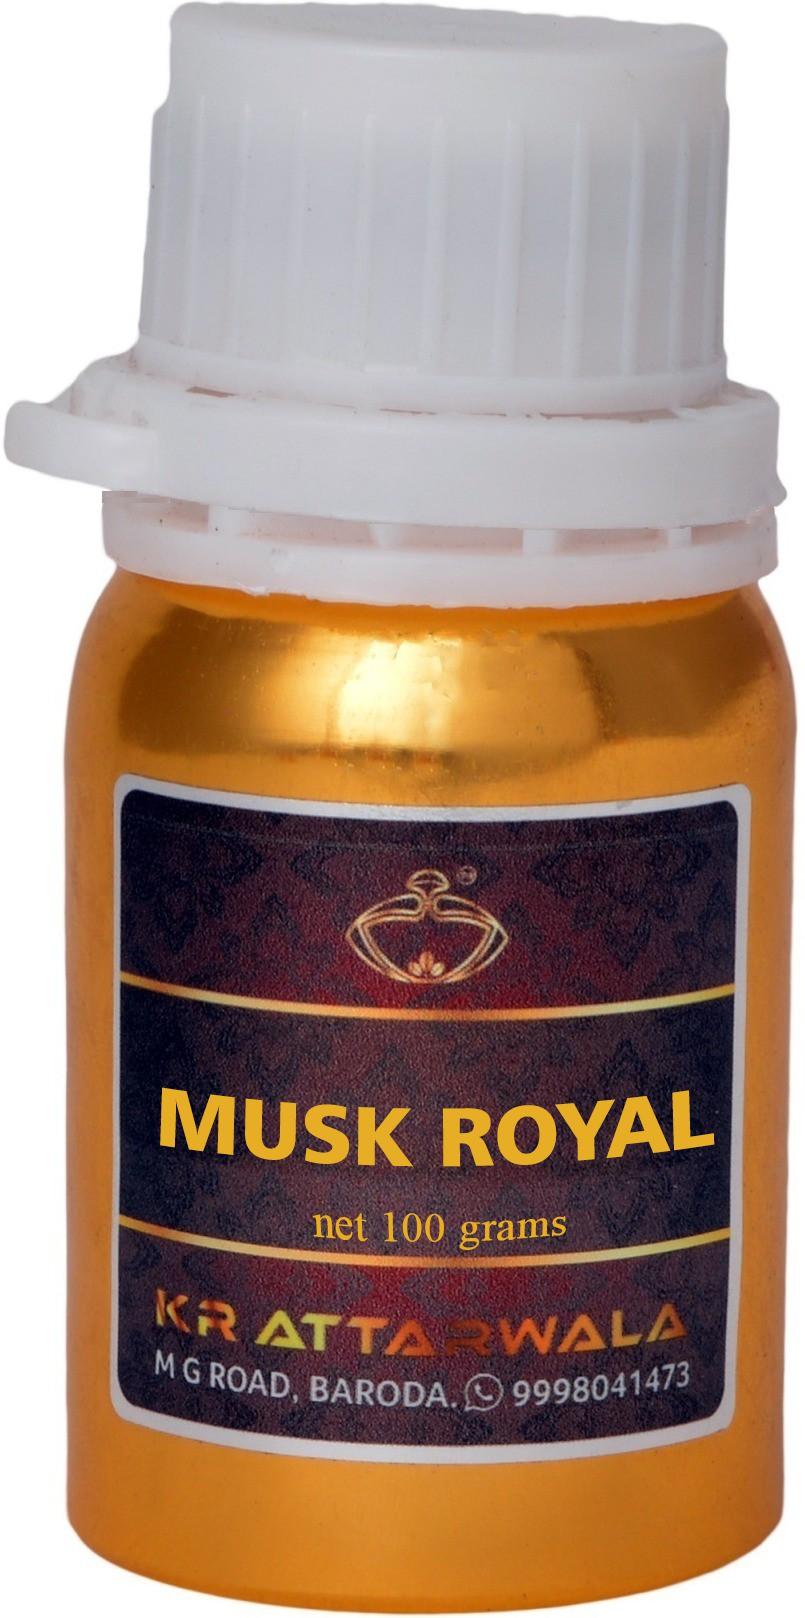 Kr Attarwala 1243 Herbal Attar(Musk)